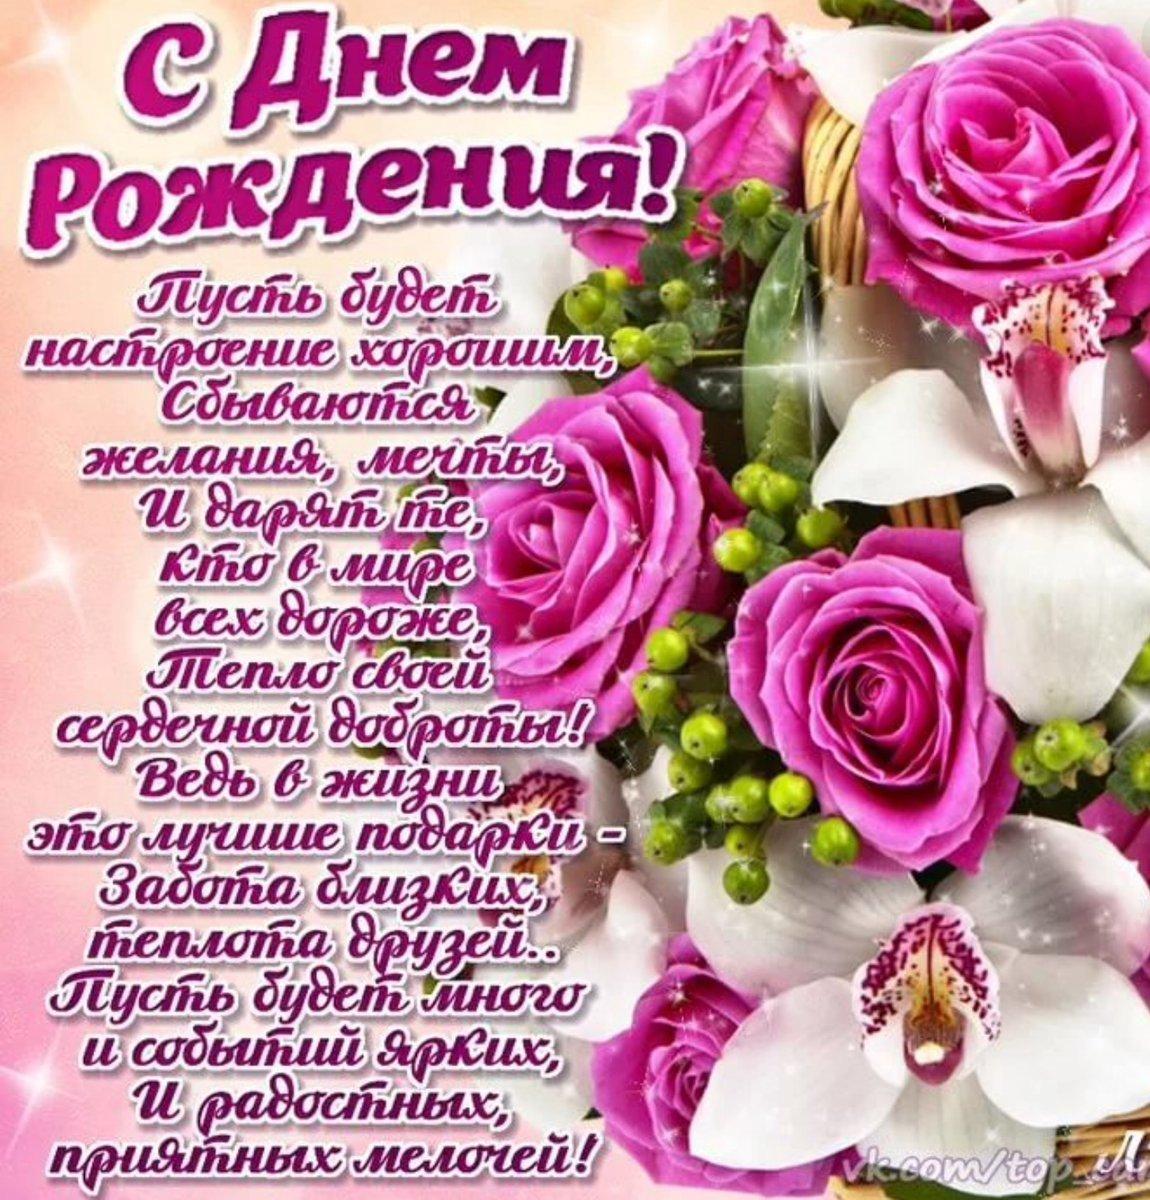 Картинки, красивые поздравления с днем рождения женщине в стихах и картинках